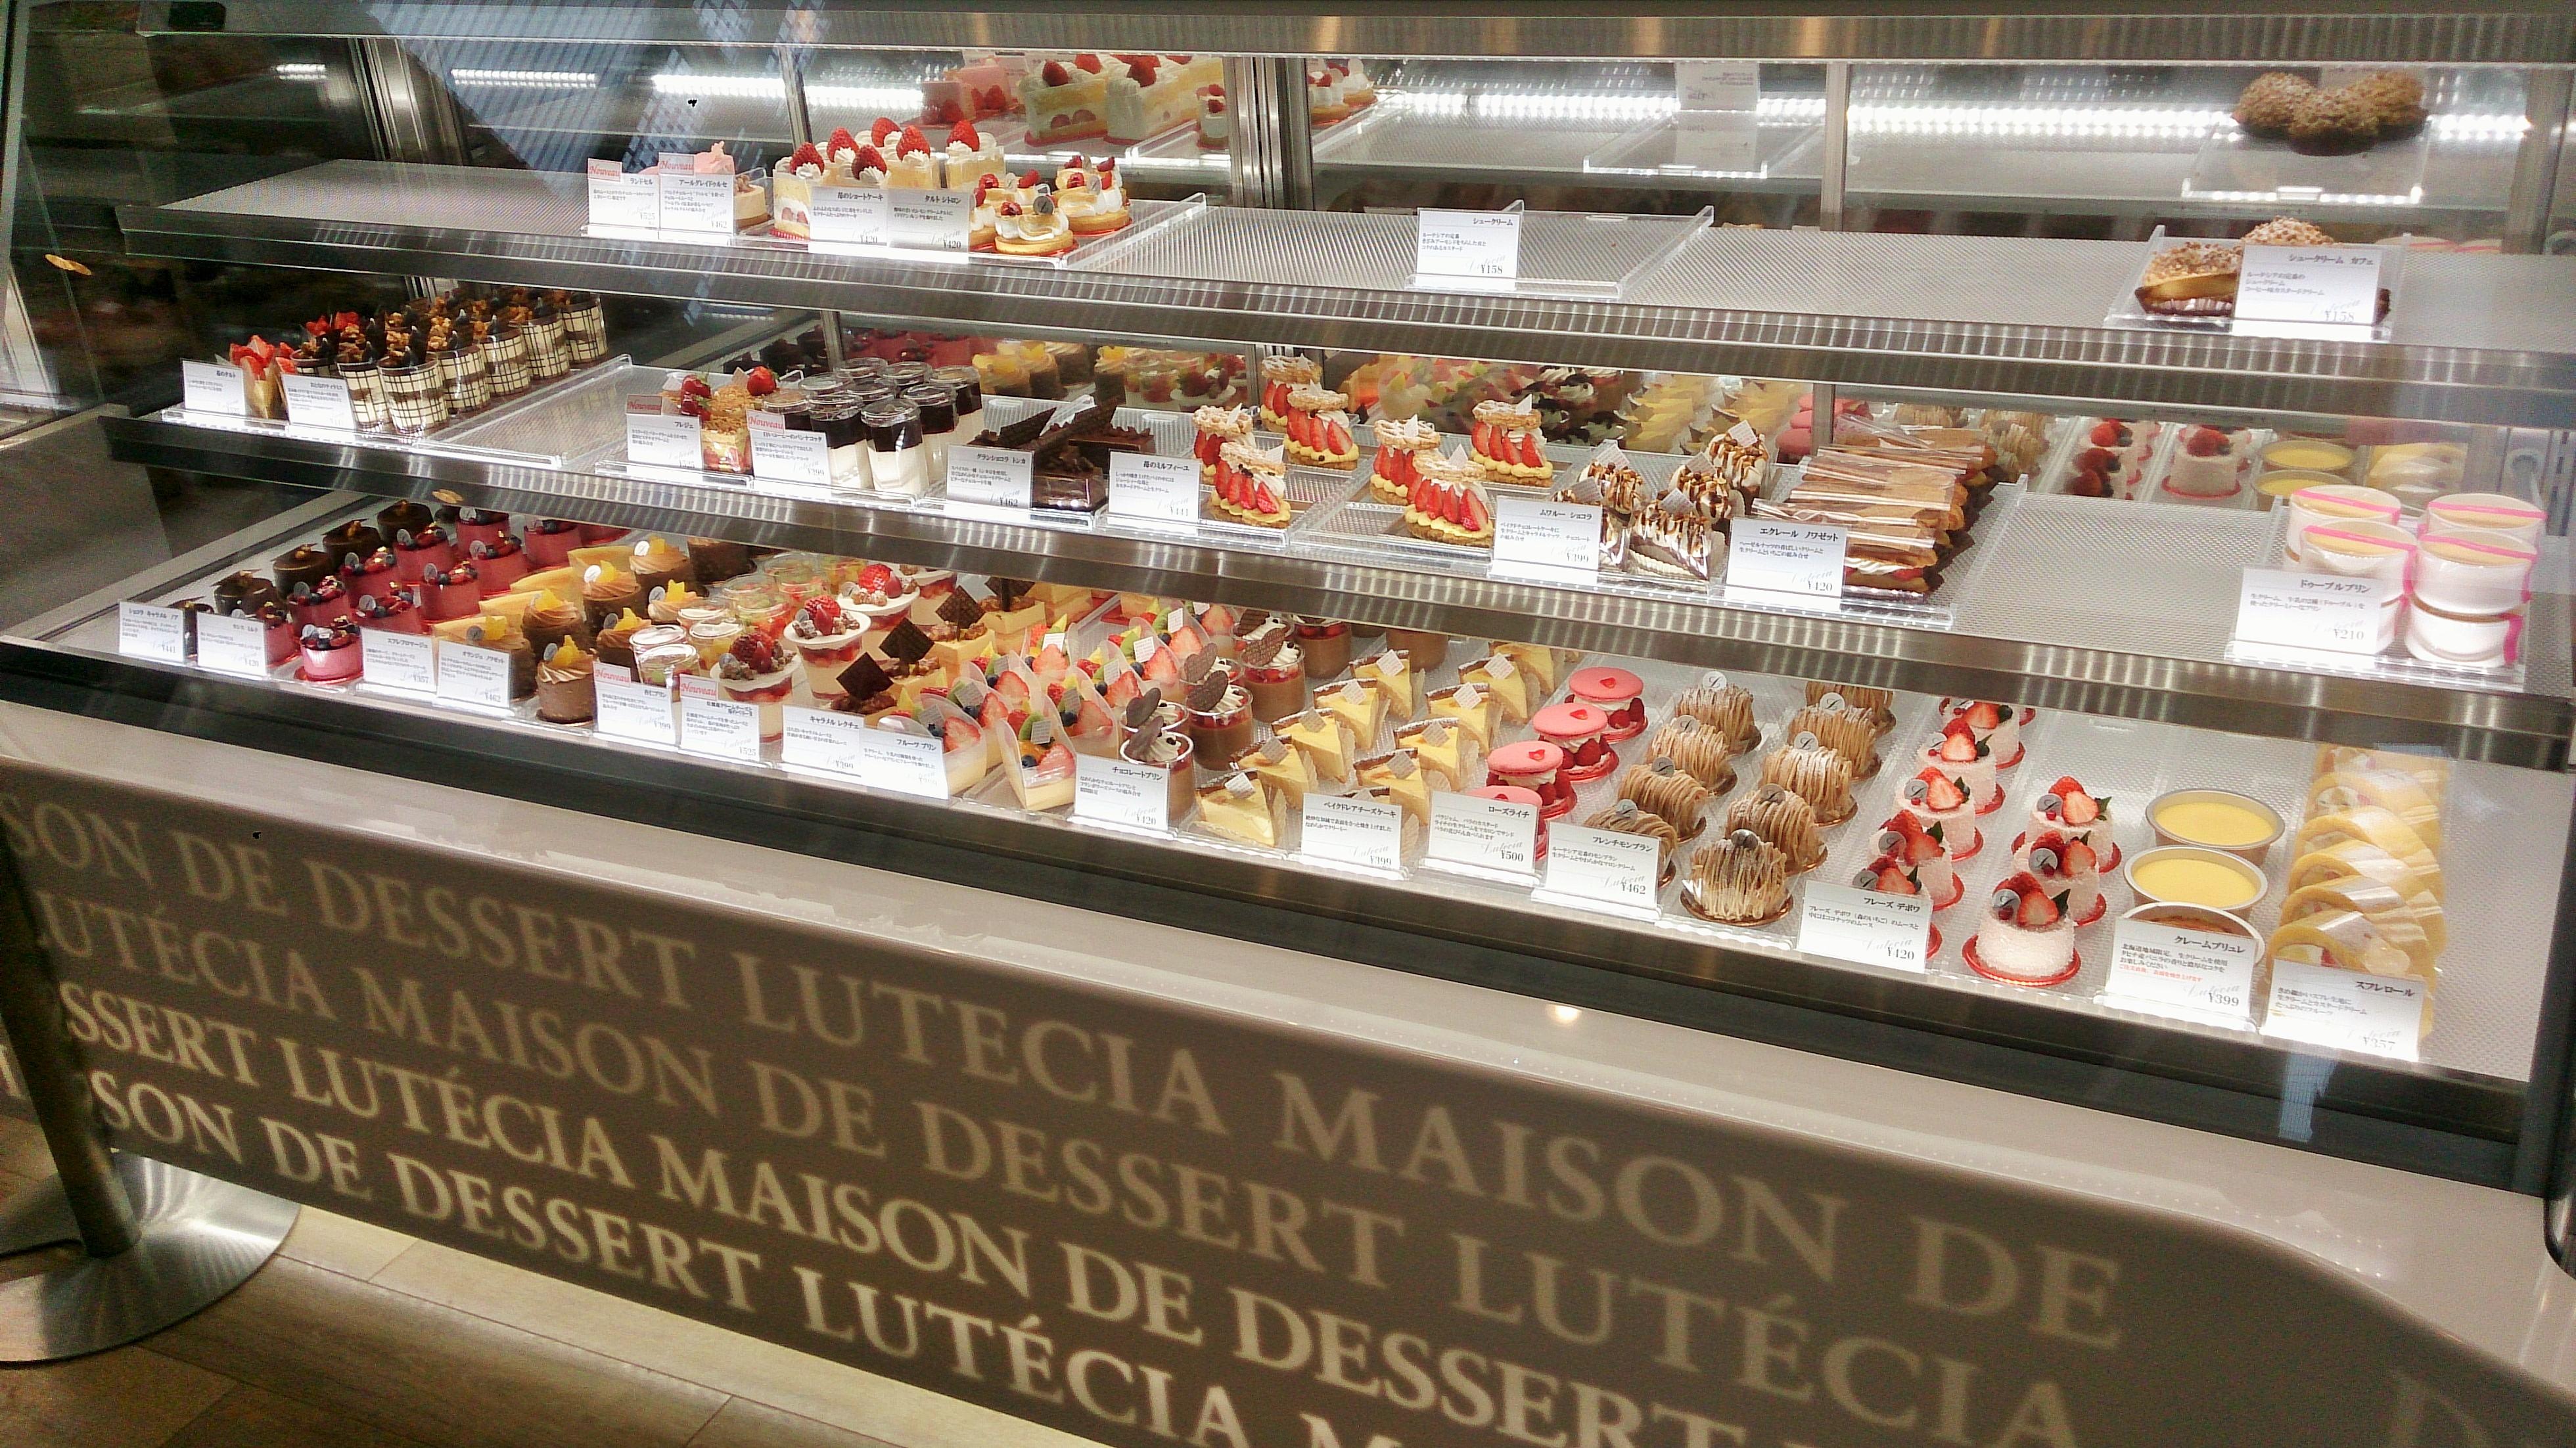 新潟市のフランス菓子Lutecia(ルーテシア)に行ってみたらオシャレすぎて感動した!